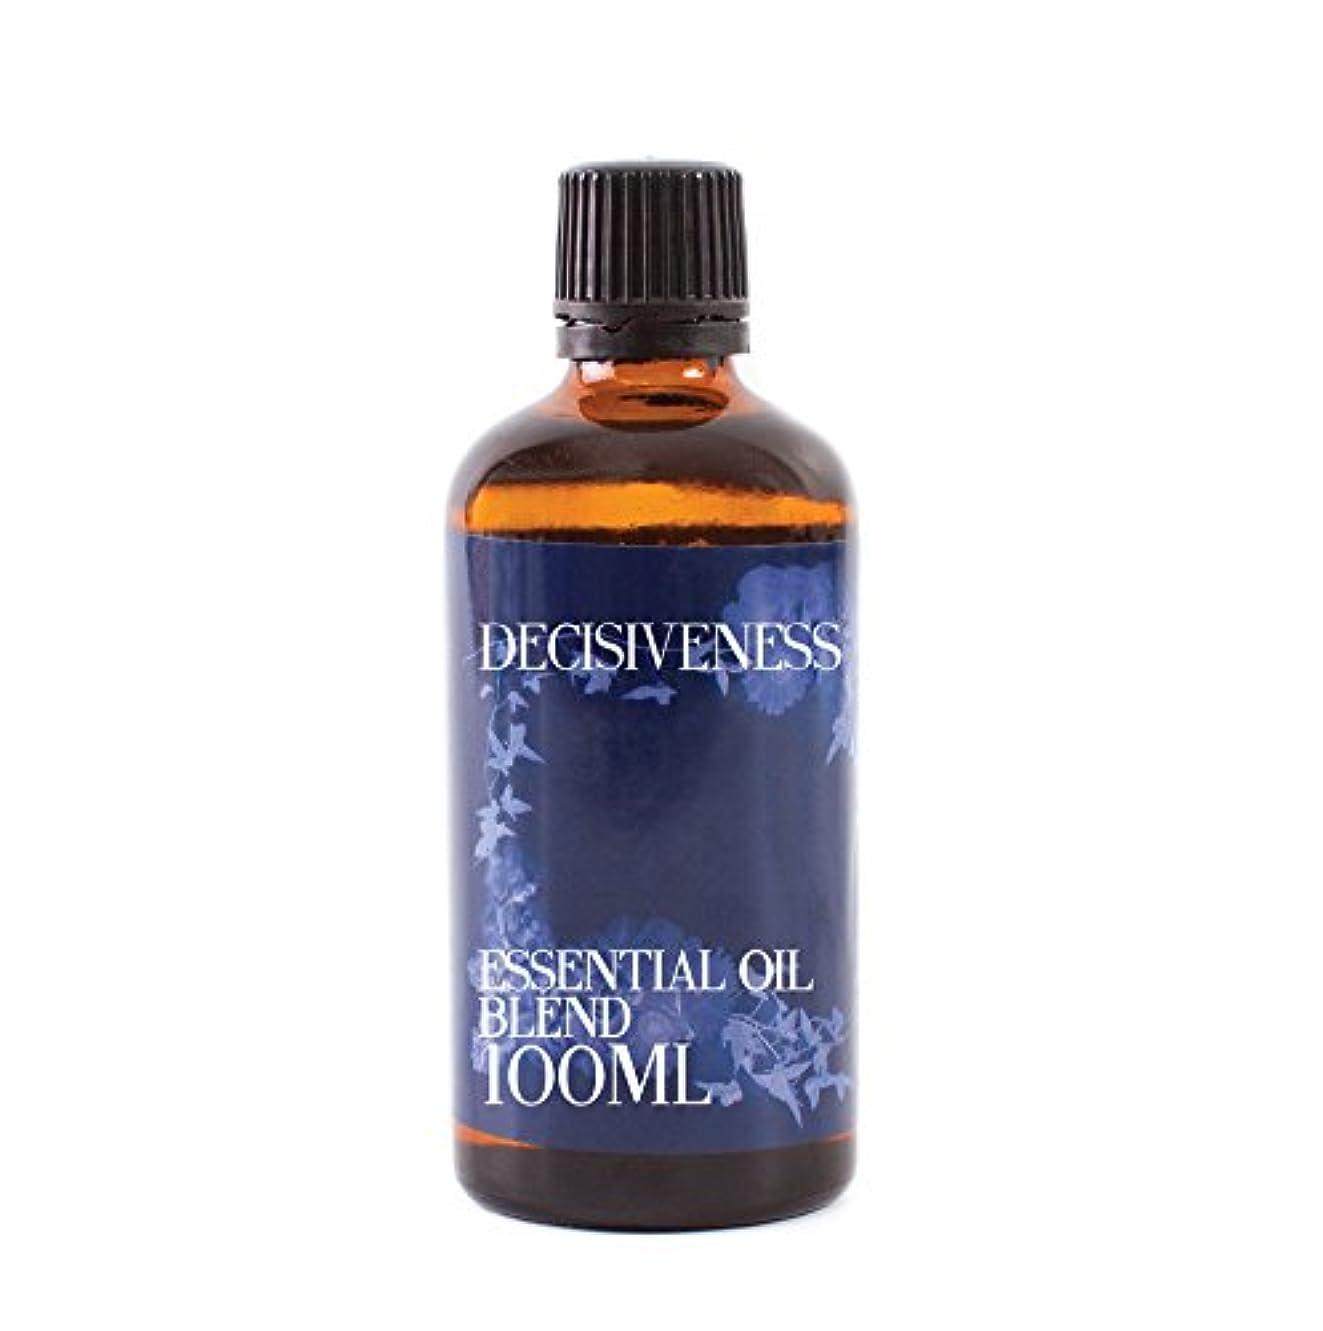 ドキュメンタリー空気ジョージエリオットMystic Moments | Decisiveness Essential Oil Blend - 100ml - 100% Pure